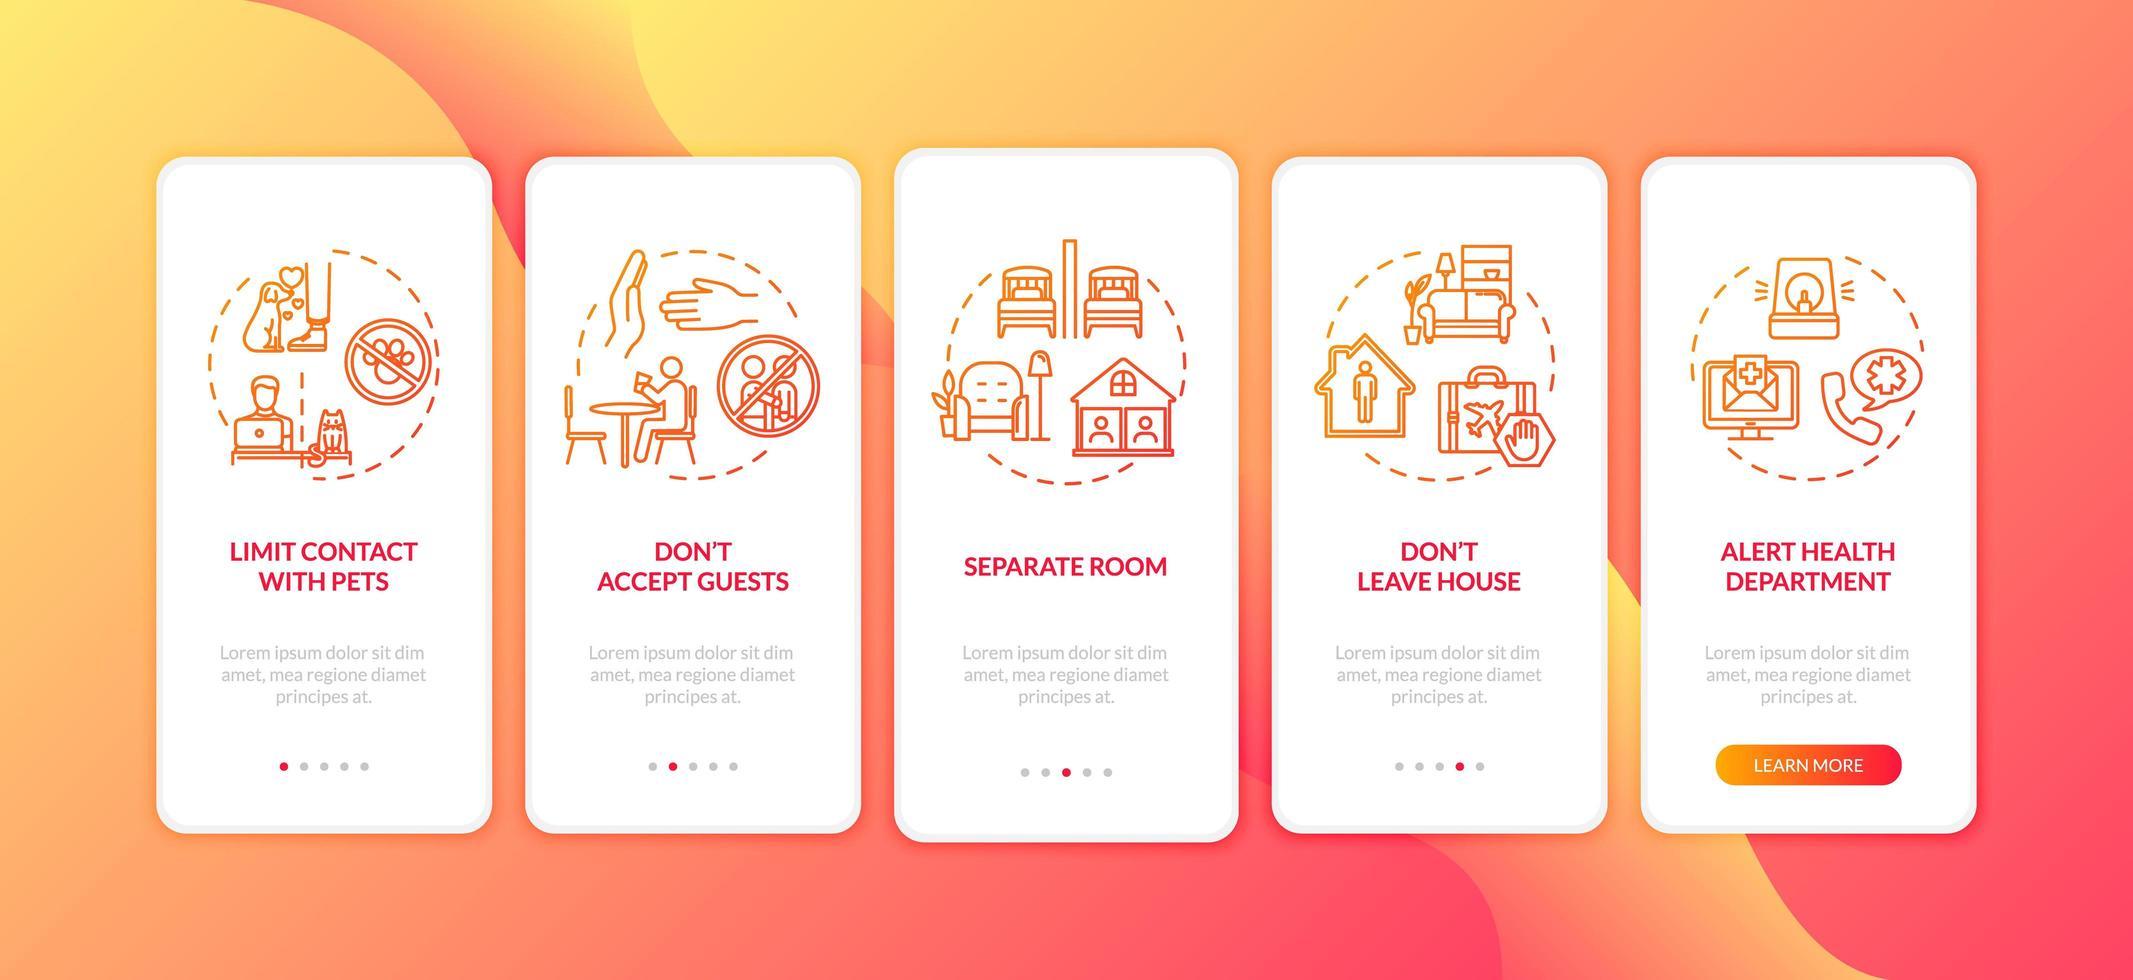 suggerimenti sull'autoisolamento e sull'igiene per l'onboarding dell'app mobile vettore